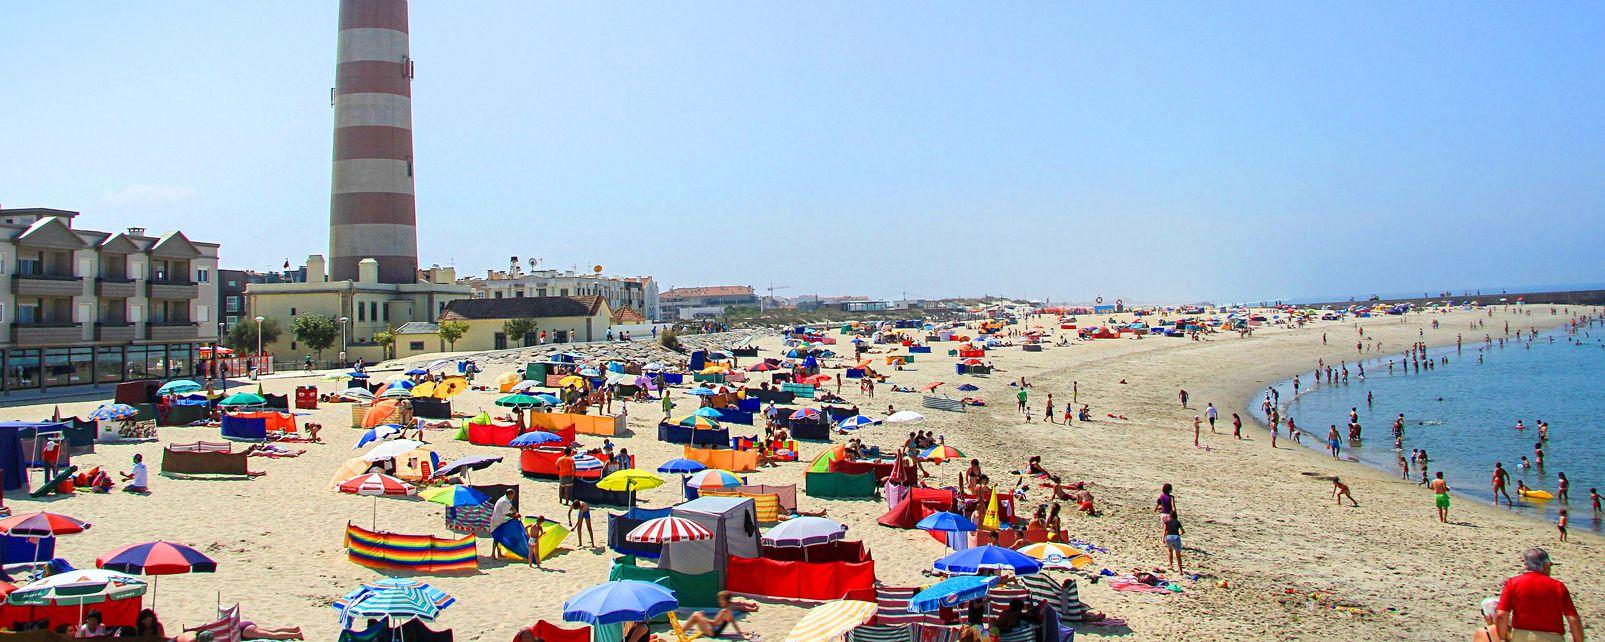 Spiagge, spiagge e ancora spiagge